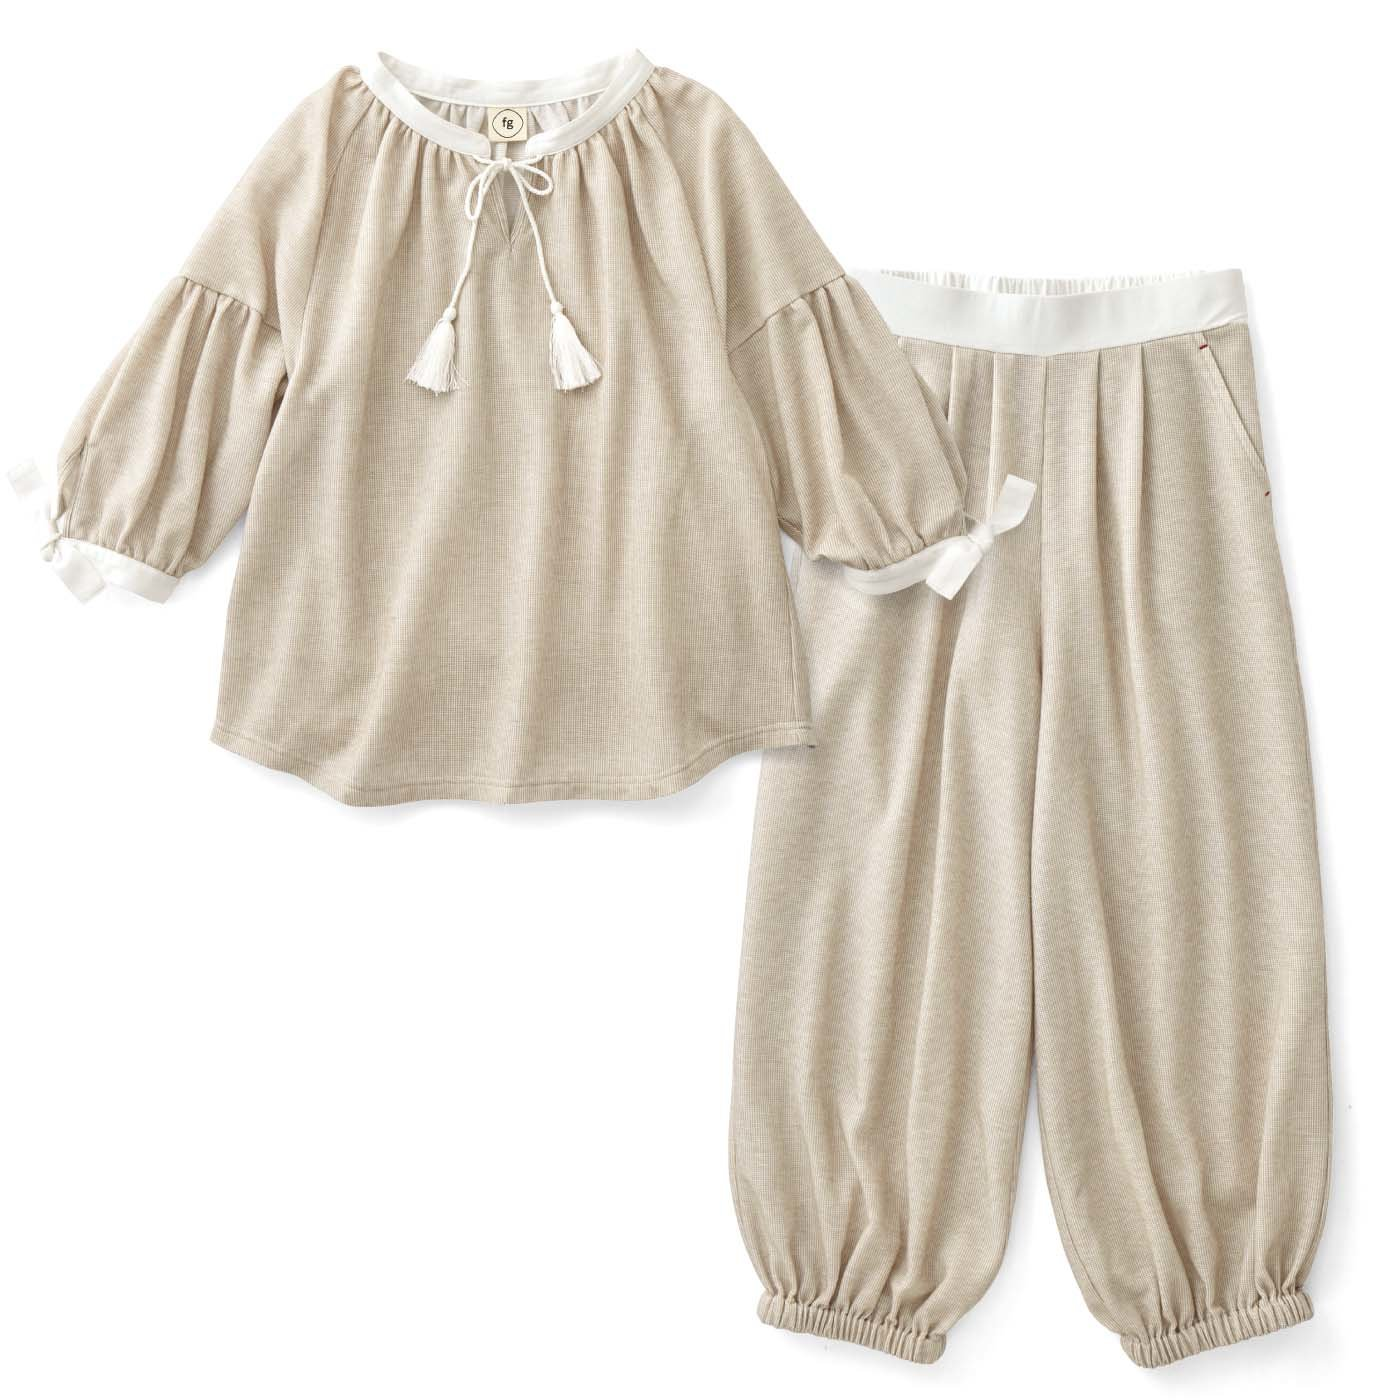 フラウグラット やわらか綿混で布はく見え♪ こでかけOKでそのまま寝られるウェアセット〈ベージュストライプ〉